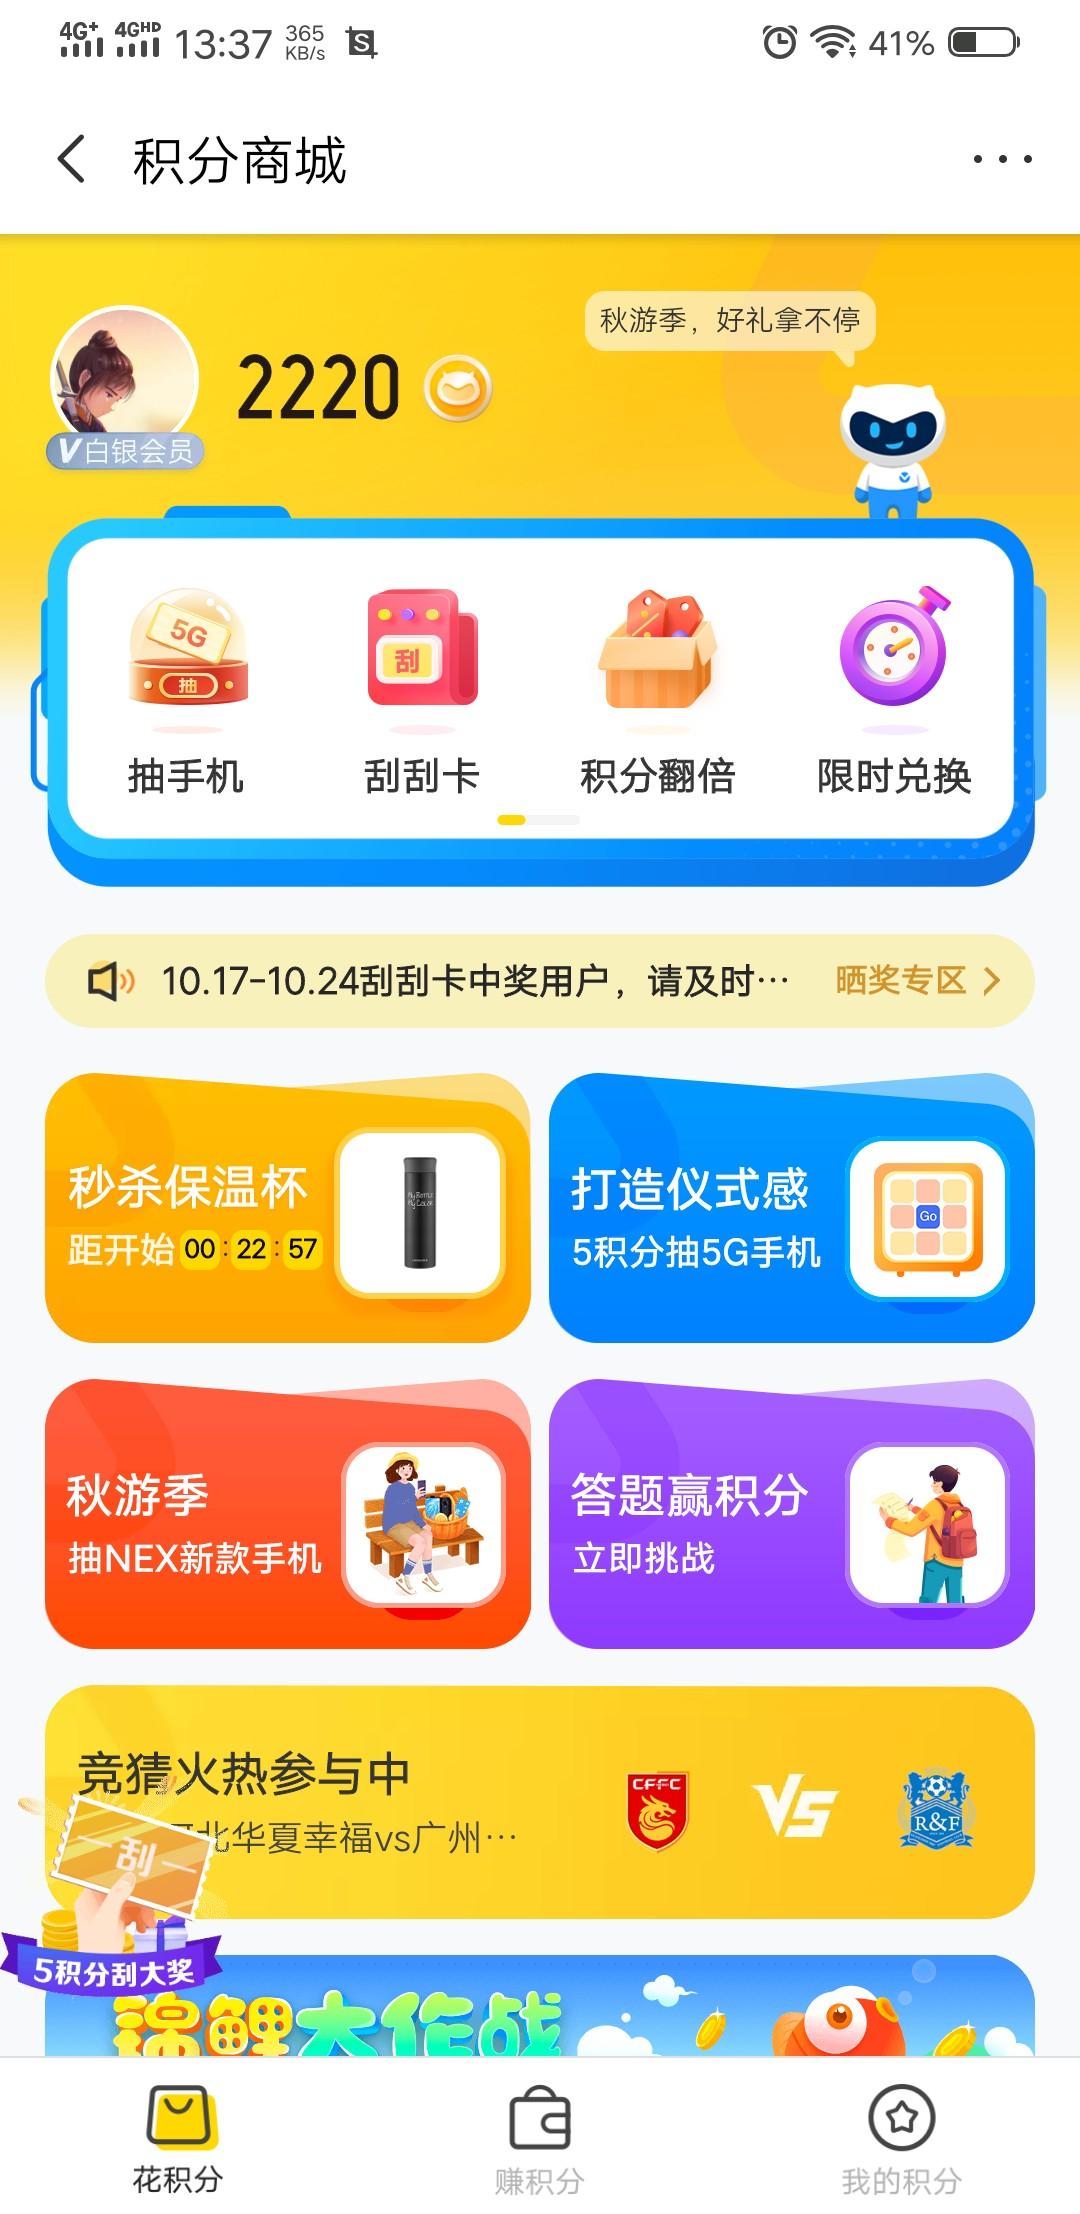 Screenshot_2019_1026_133701.jpg